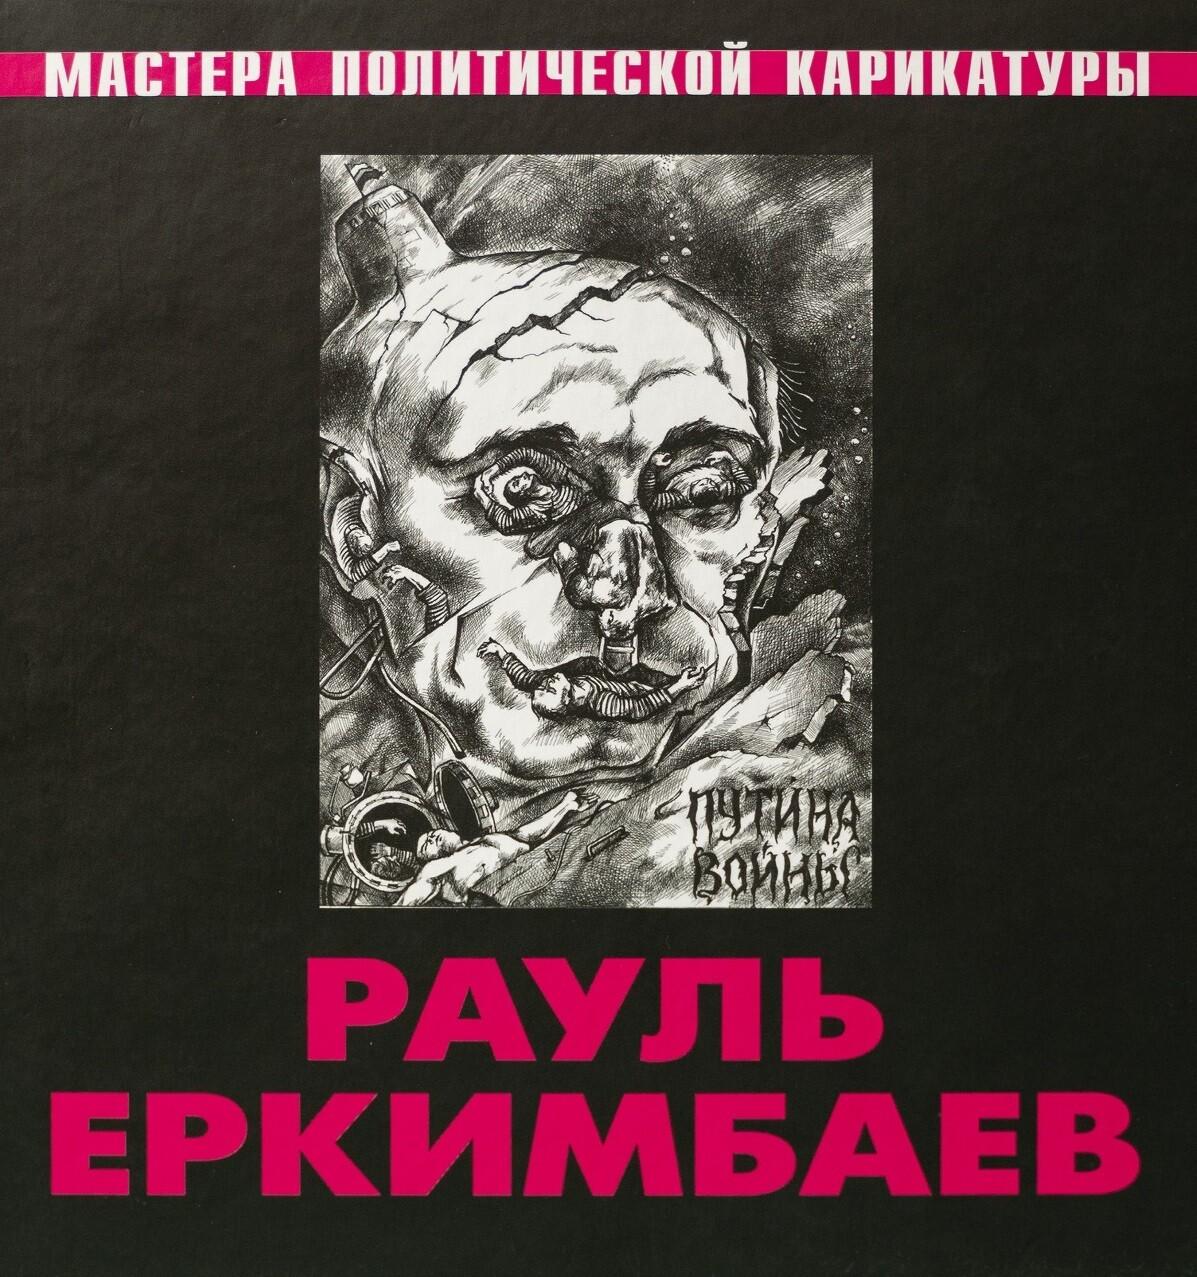 Альбом политической карикатуры Рауля Еркимбаева.